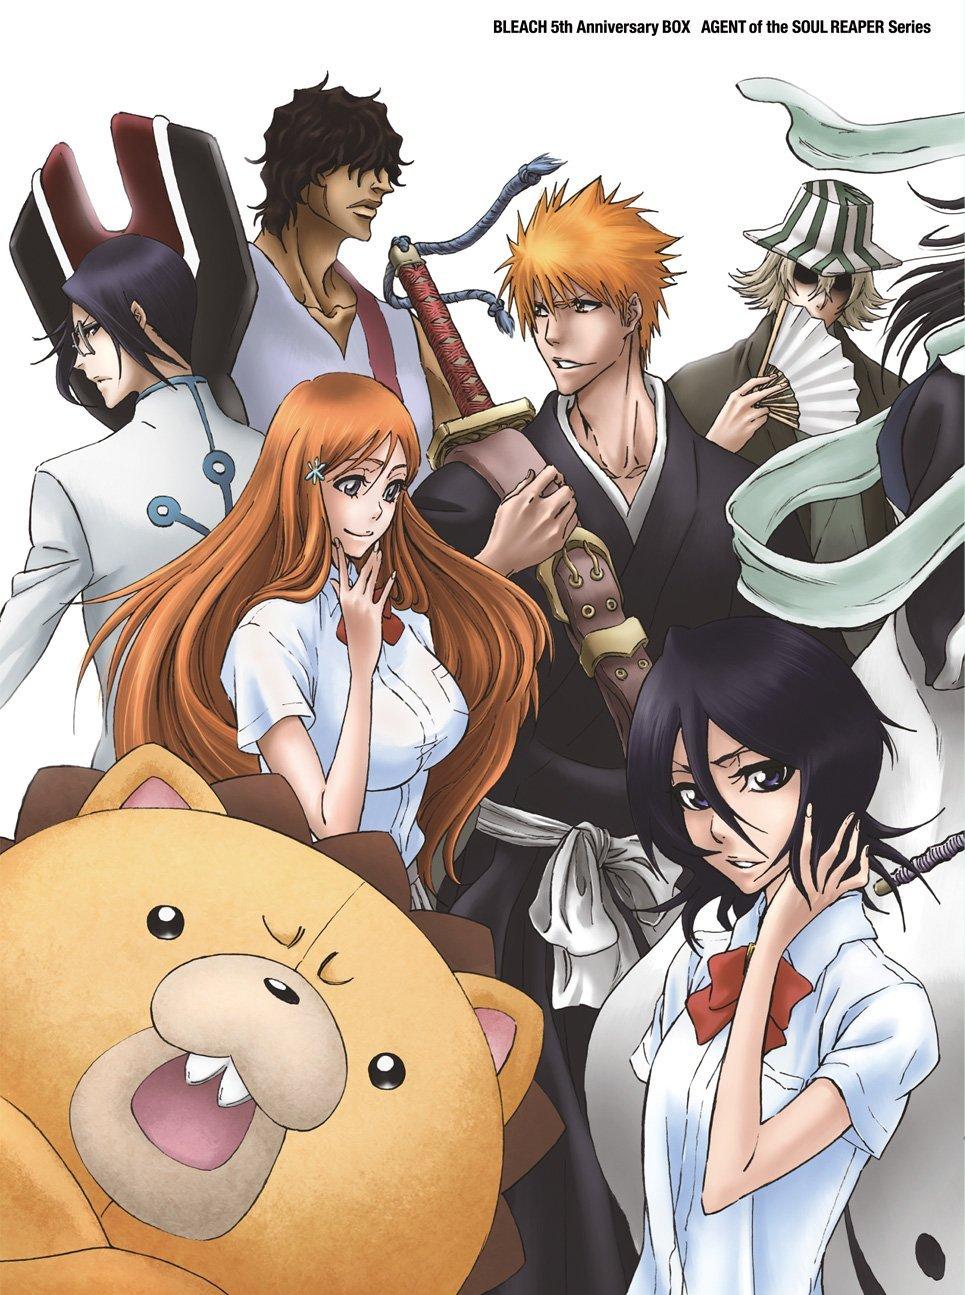 Bleach anime 5th anniversary boxset